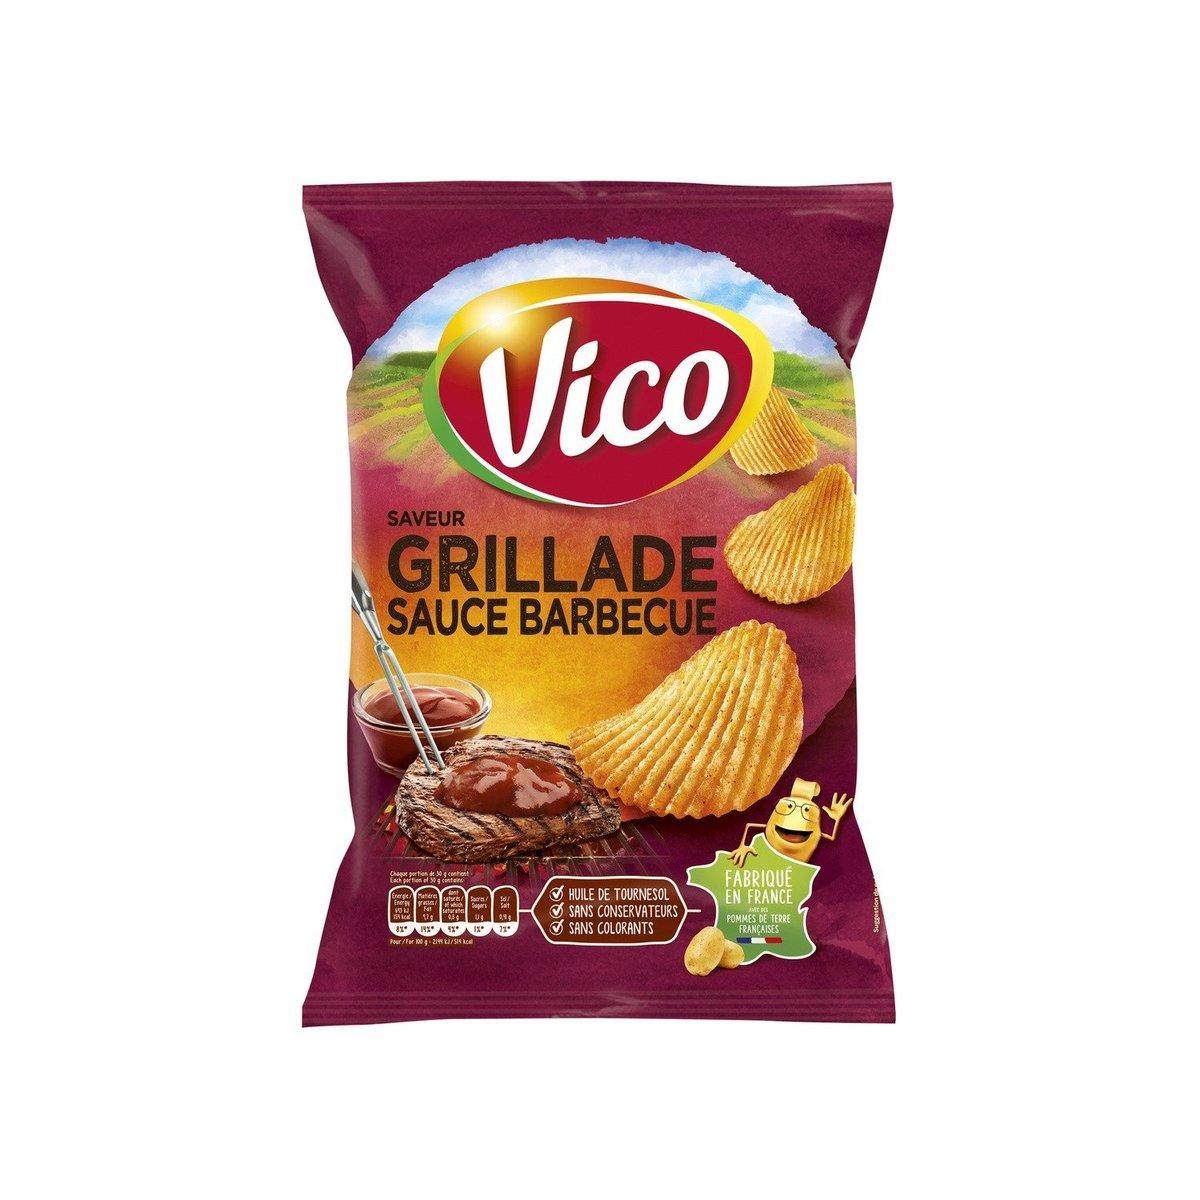 法國直送 - VICO - 燒烤味薯片 - 120g